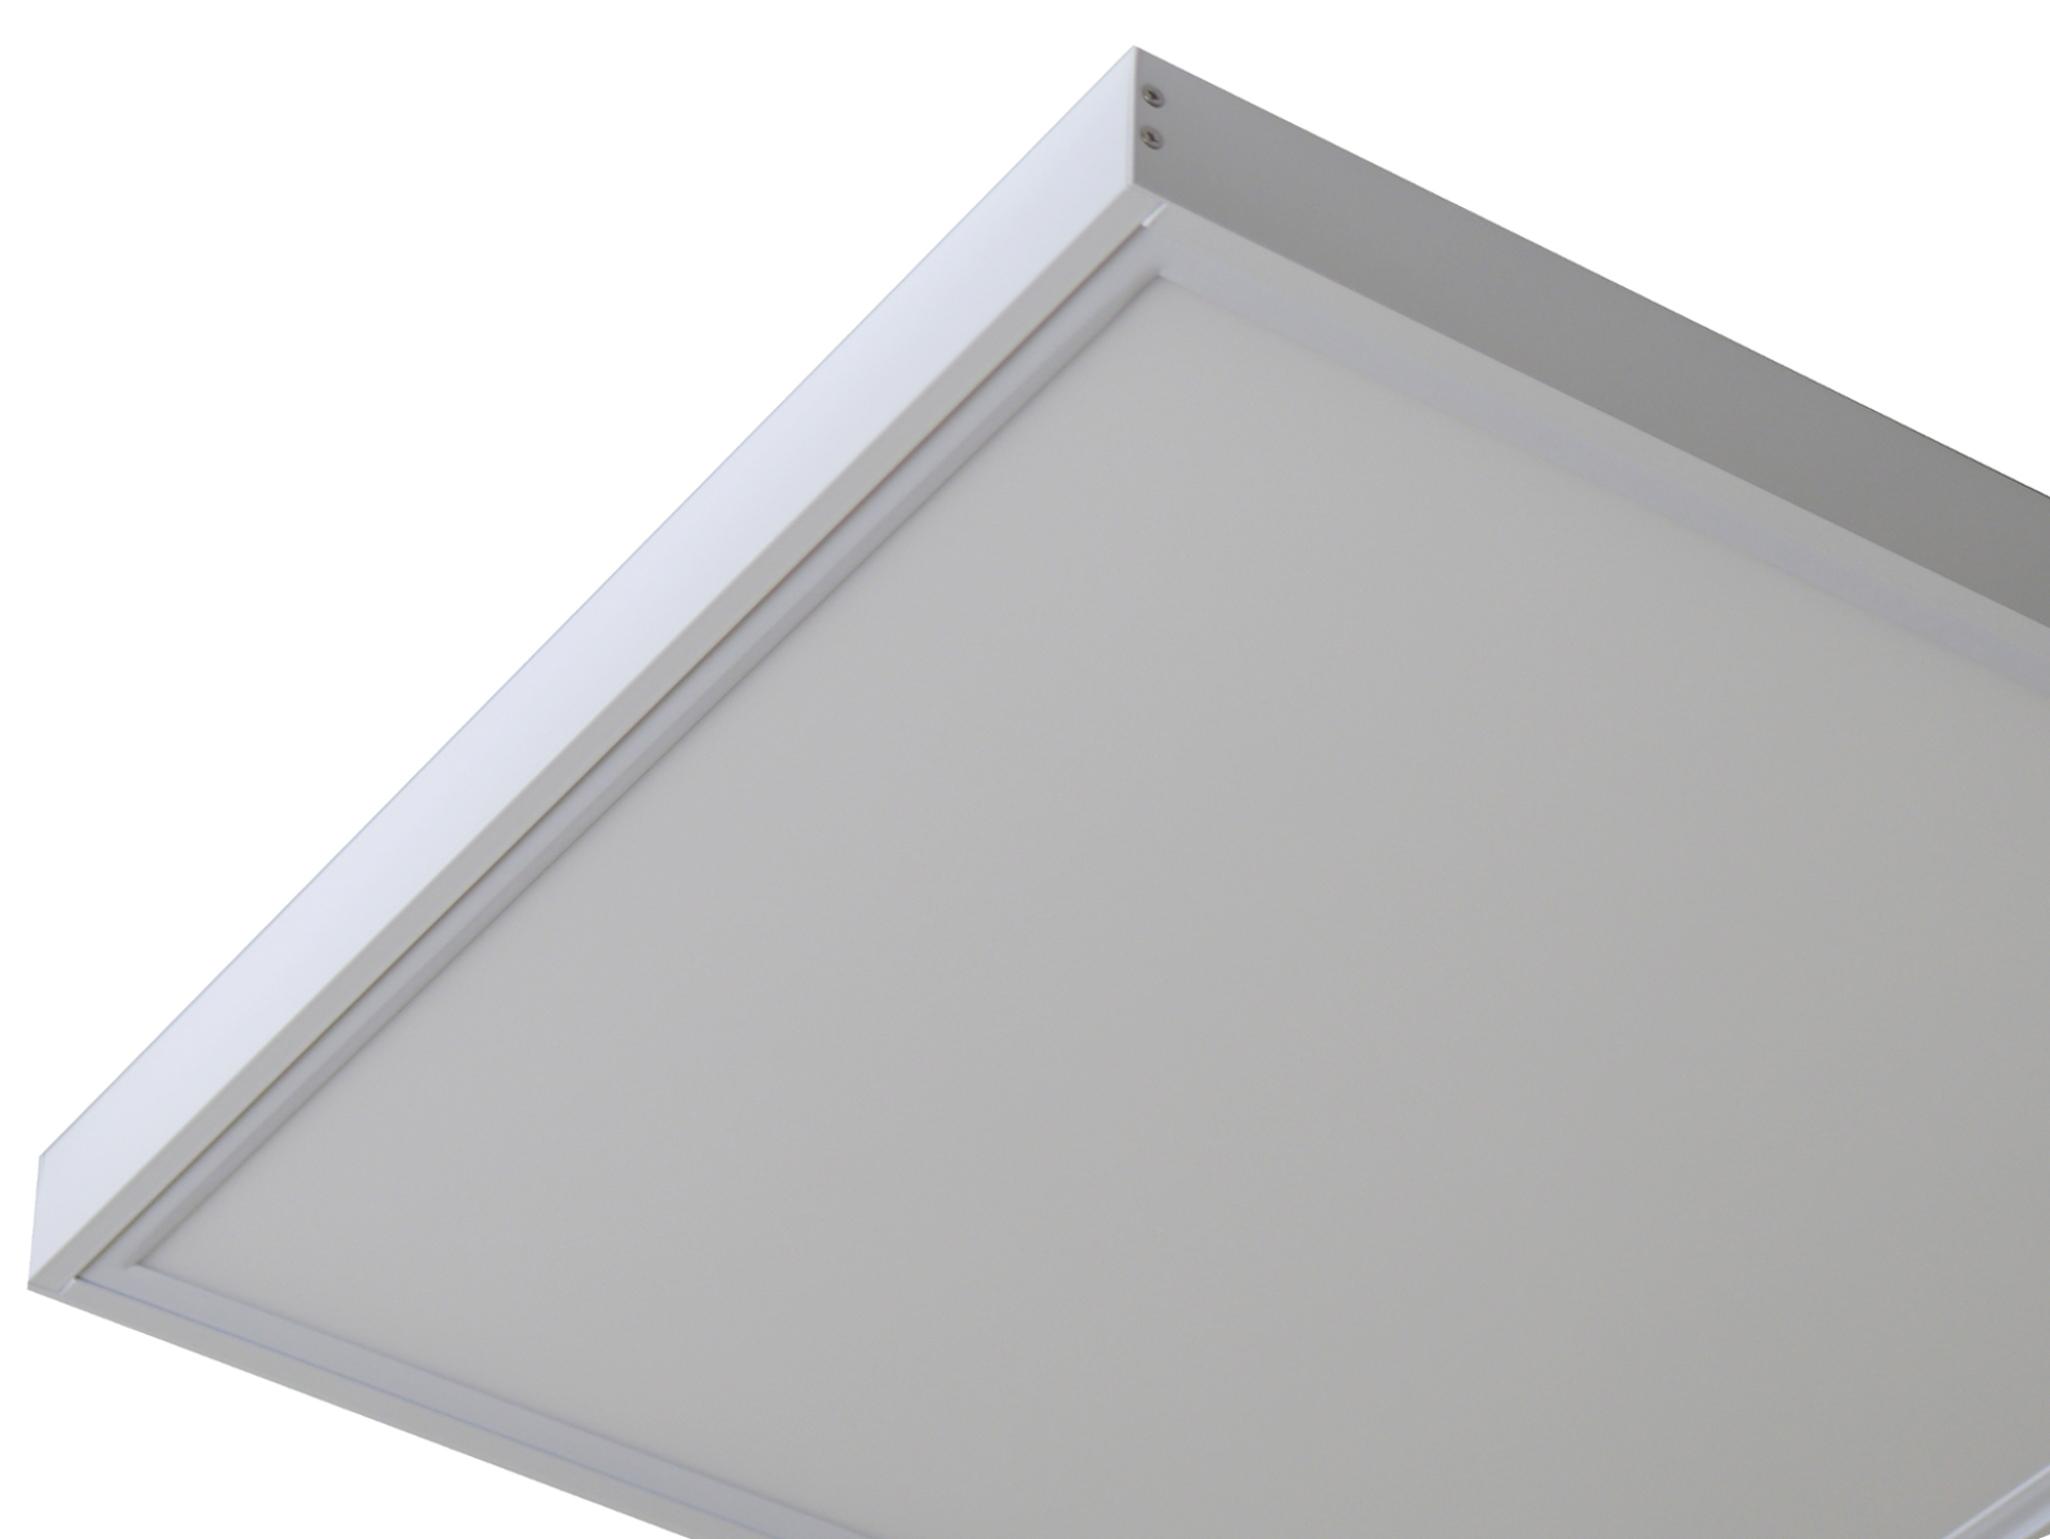 aufbaurahmen f r led panel 620x620 wei led panel led leuchten led emotion. Black Bedroom Furniture Sets. Home Design Ideas